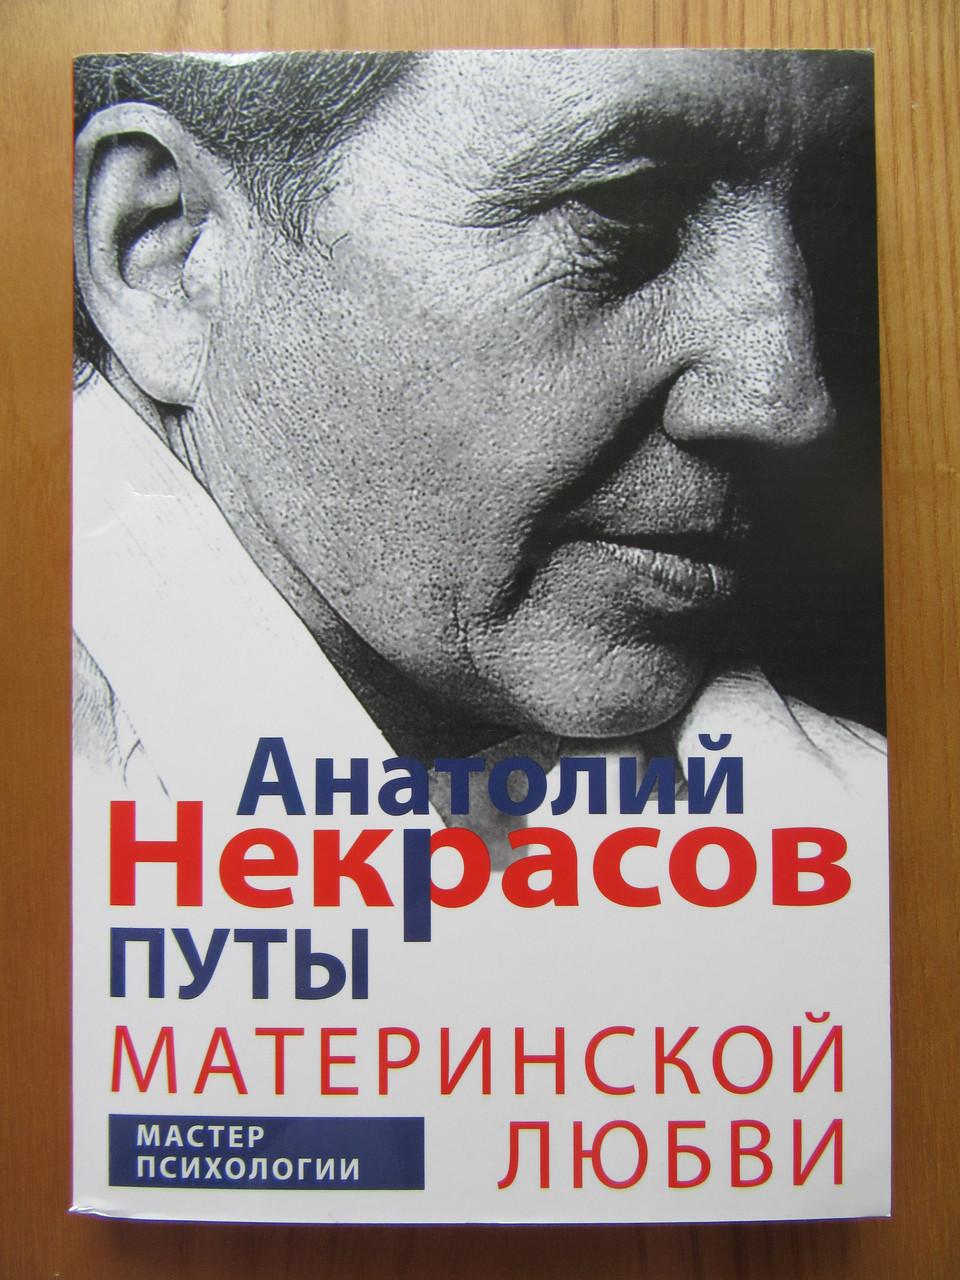 Анатолий Некрасов. Путы материнской любви